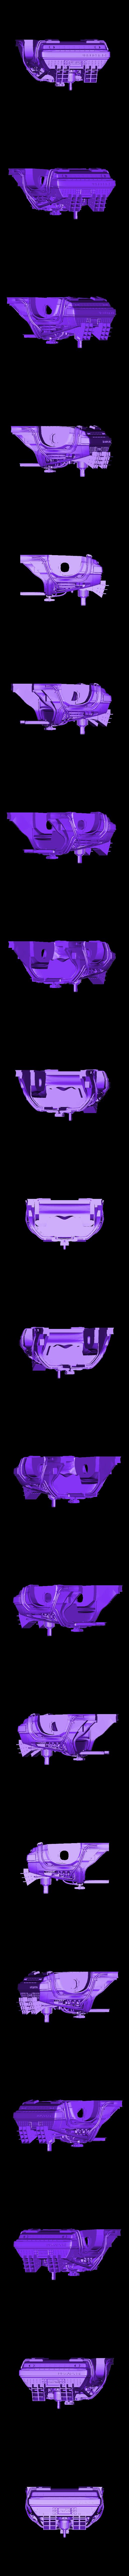 back_trans_v2.stl Download free STL file DIY DeLorean Time Machine with lights!! • 3D printer model, OneIdMONstr